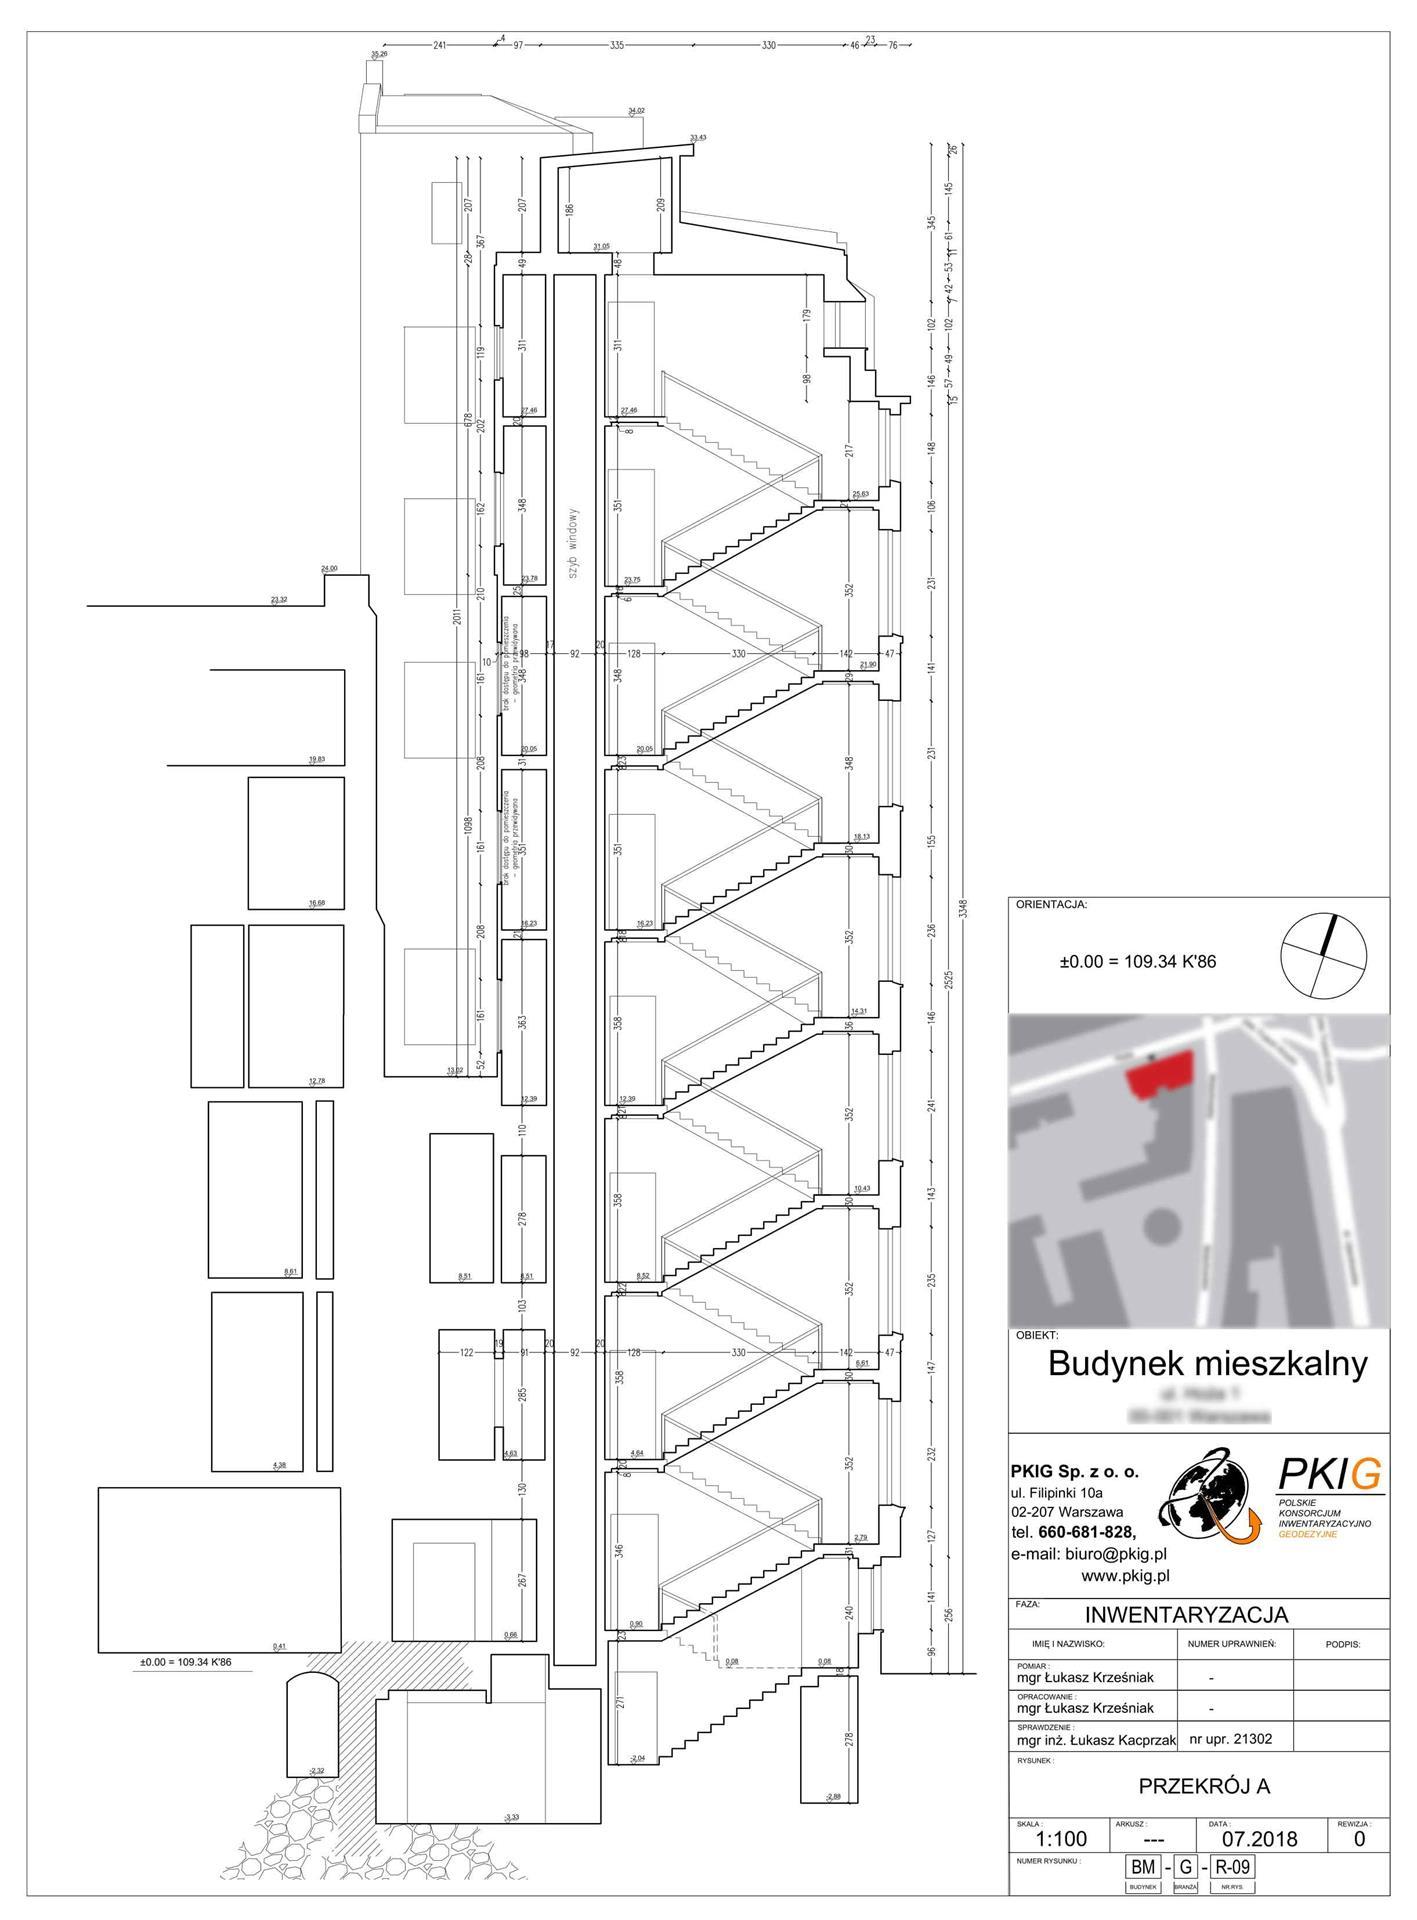 Inwentaryzacja architektoniczna budynku